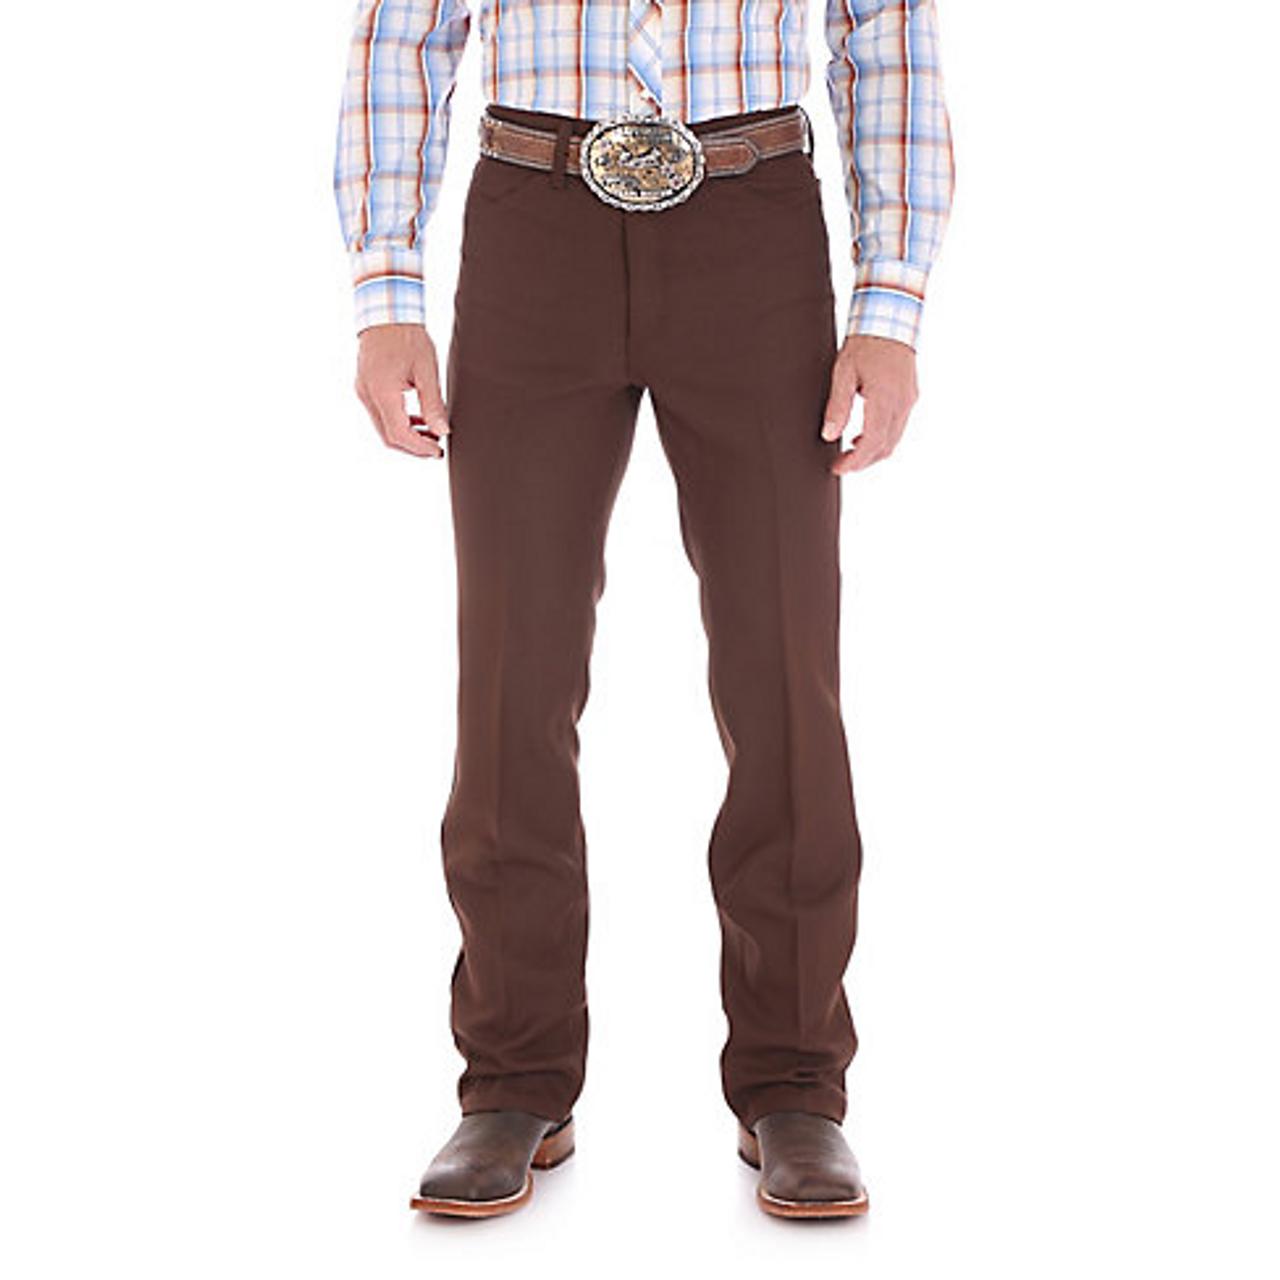 3a450203b19 Wrangler Mens Dress Jeans - Brown - Billy's Western Wear